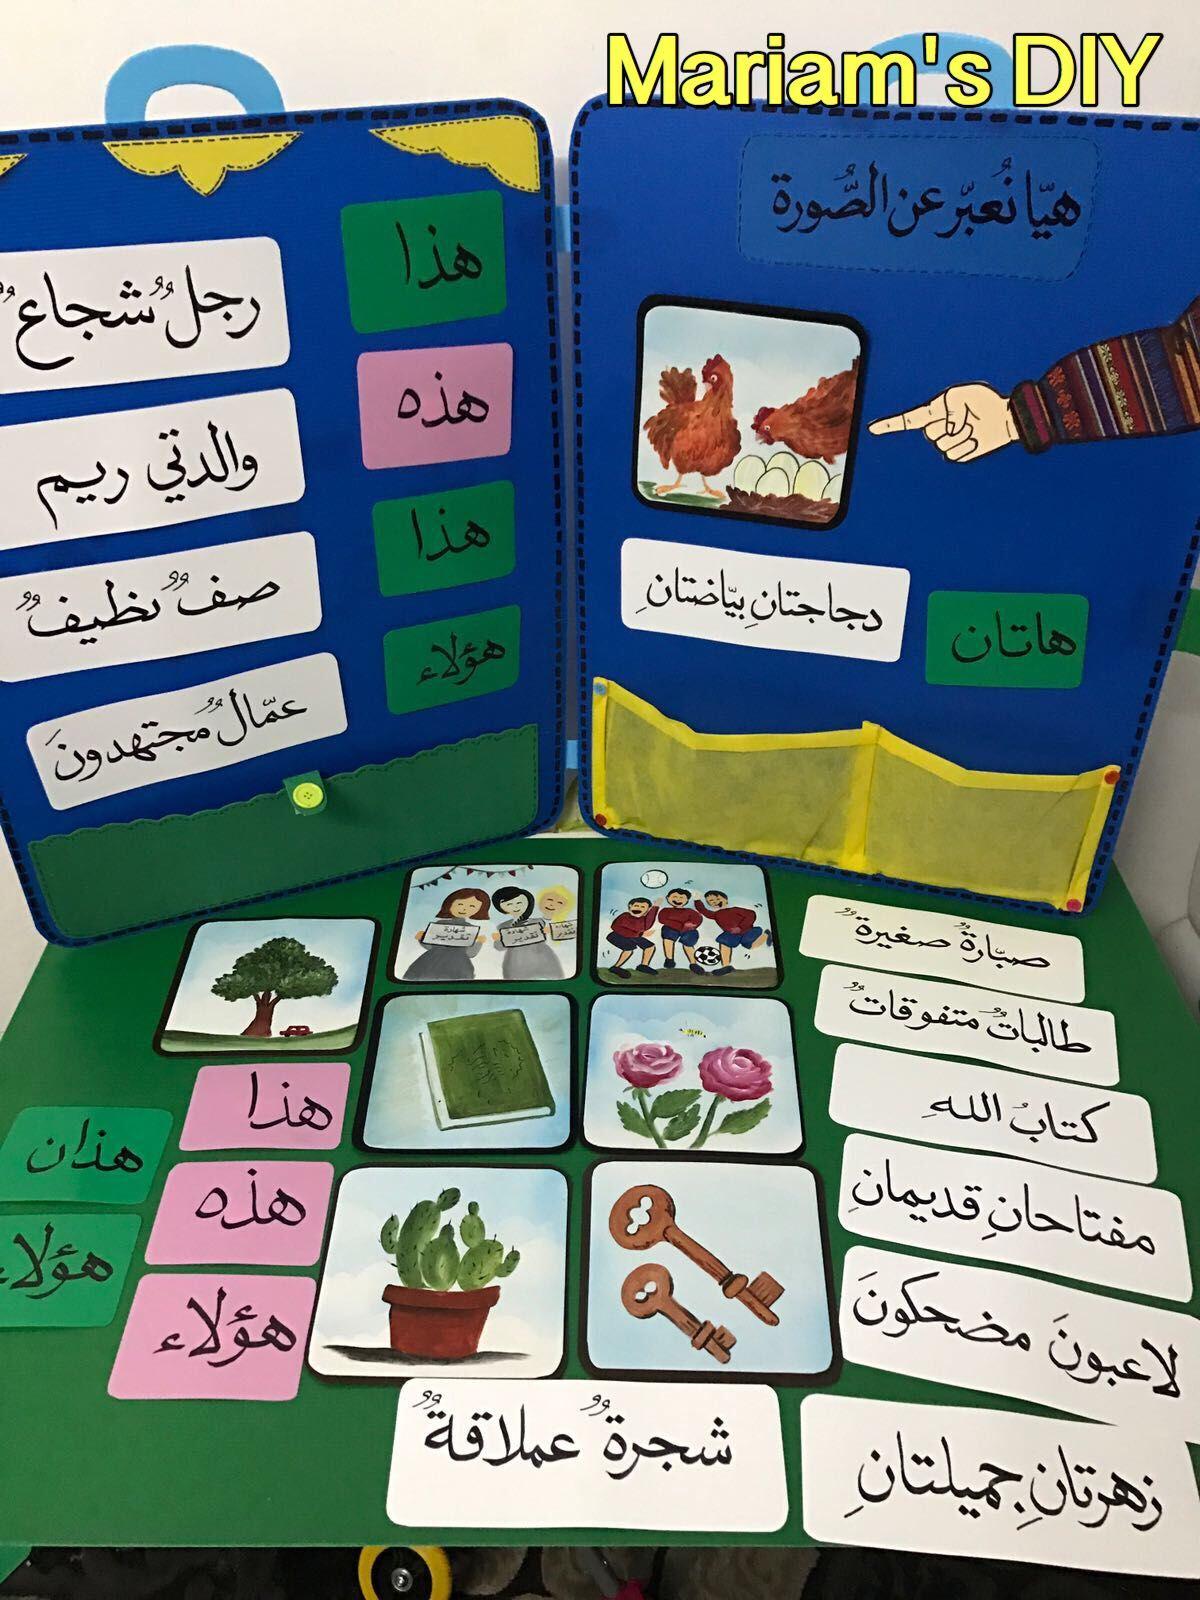 وسيلة اسماء الاشارة Learning Arabic Arabic Kids Arabic Language